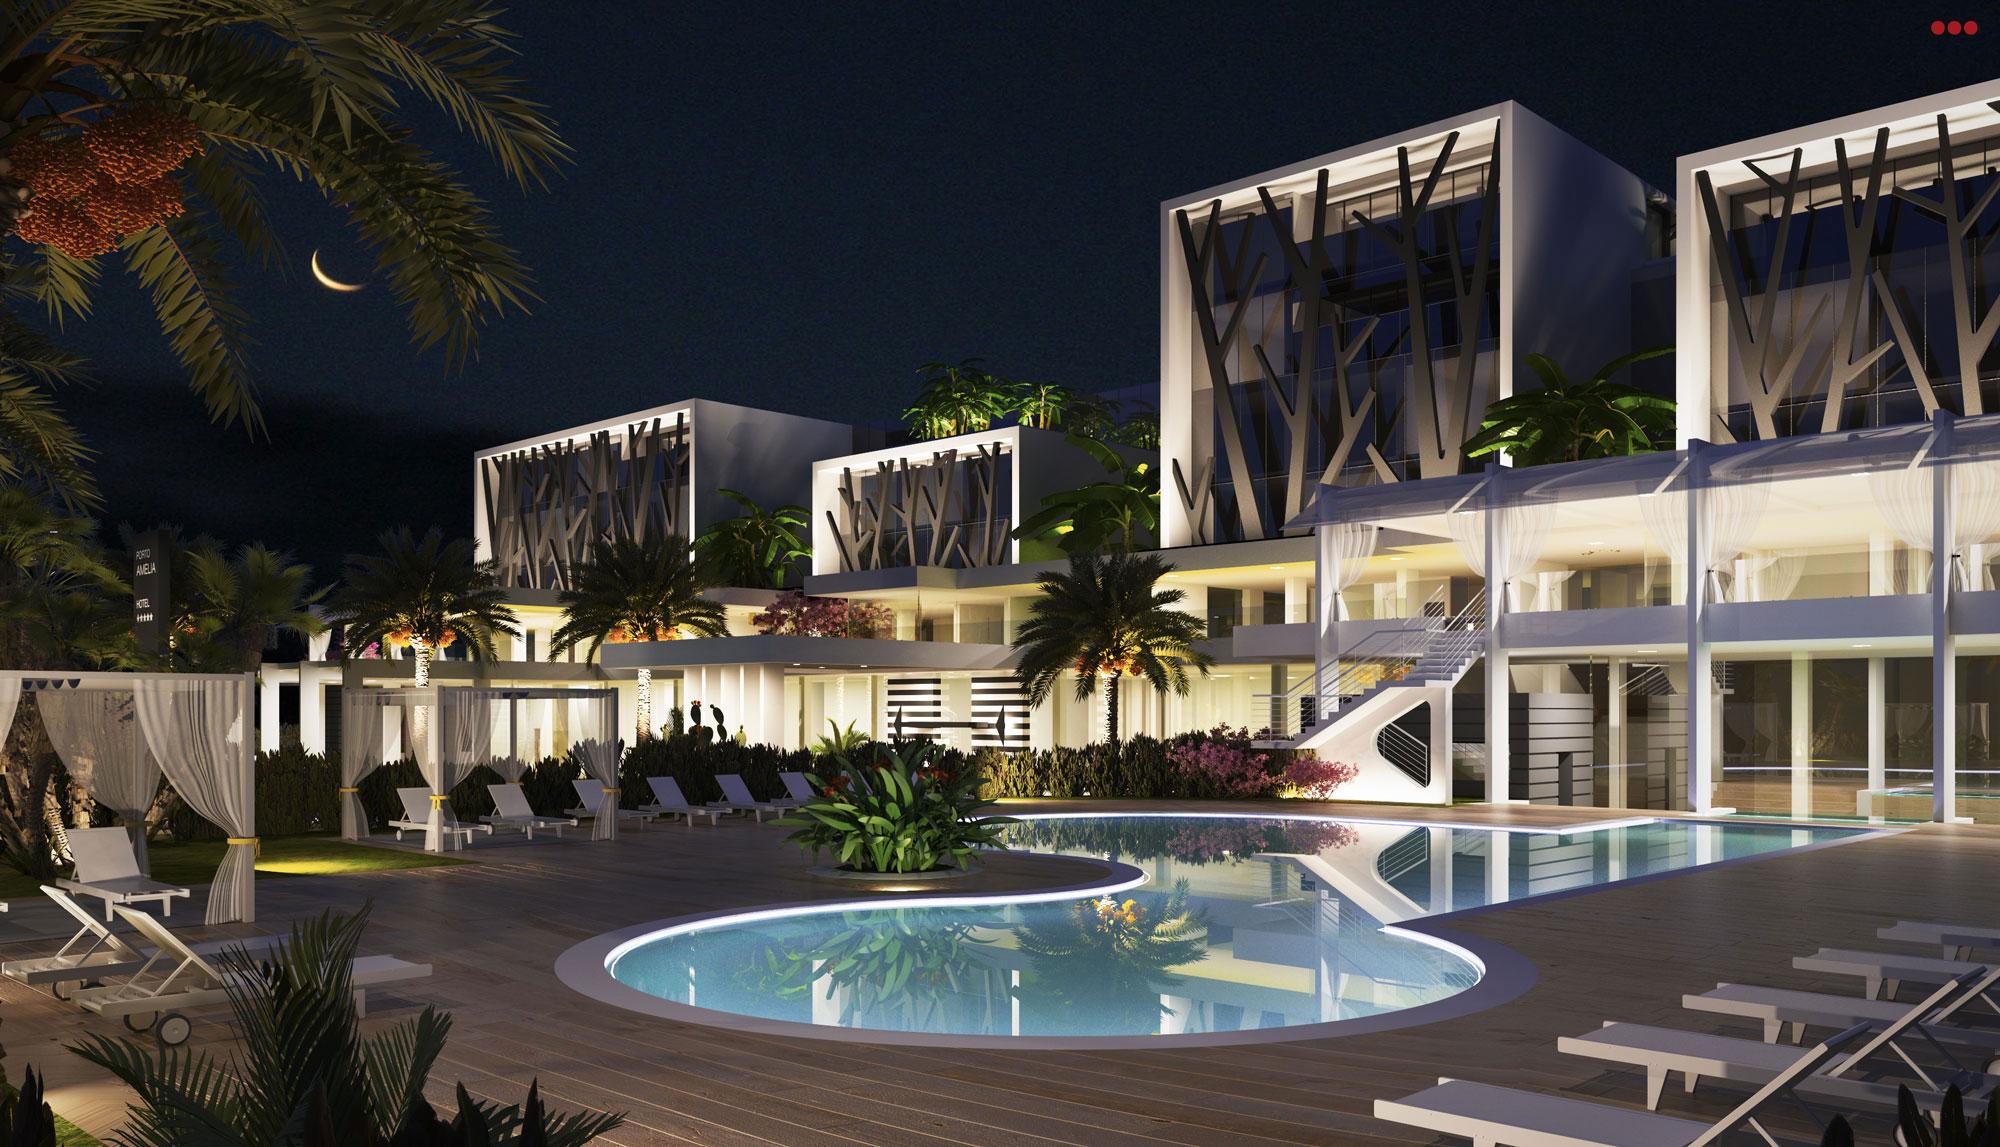 Studio-BArtolini-rendering-progettazione-grafica-3D-Hotel-Porto-Amelia-Mozzambico-2